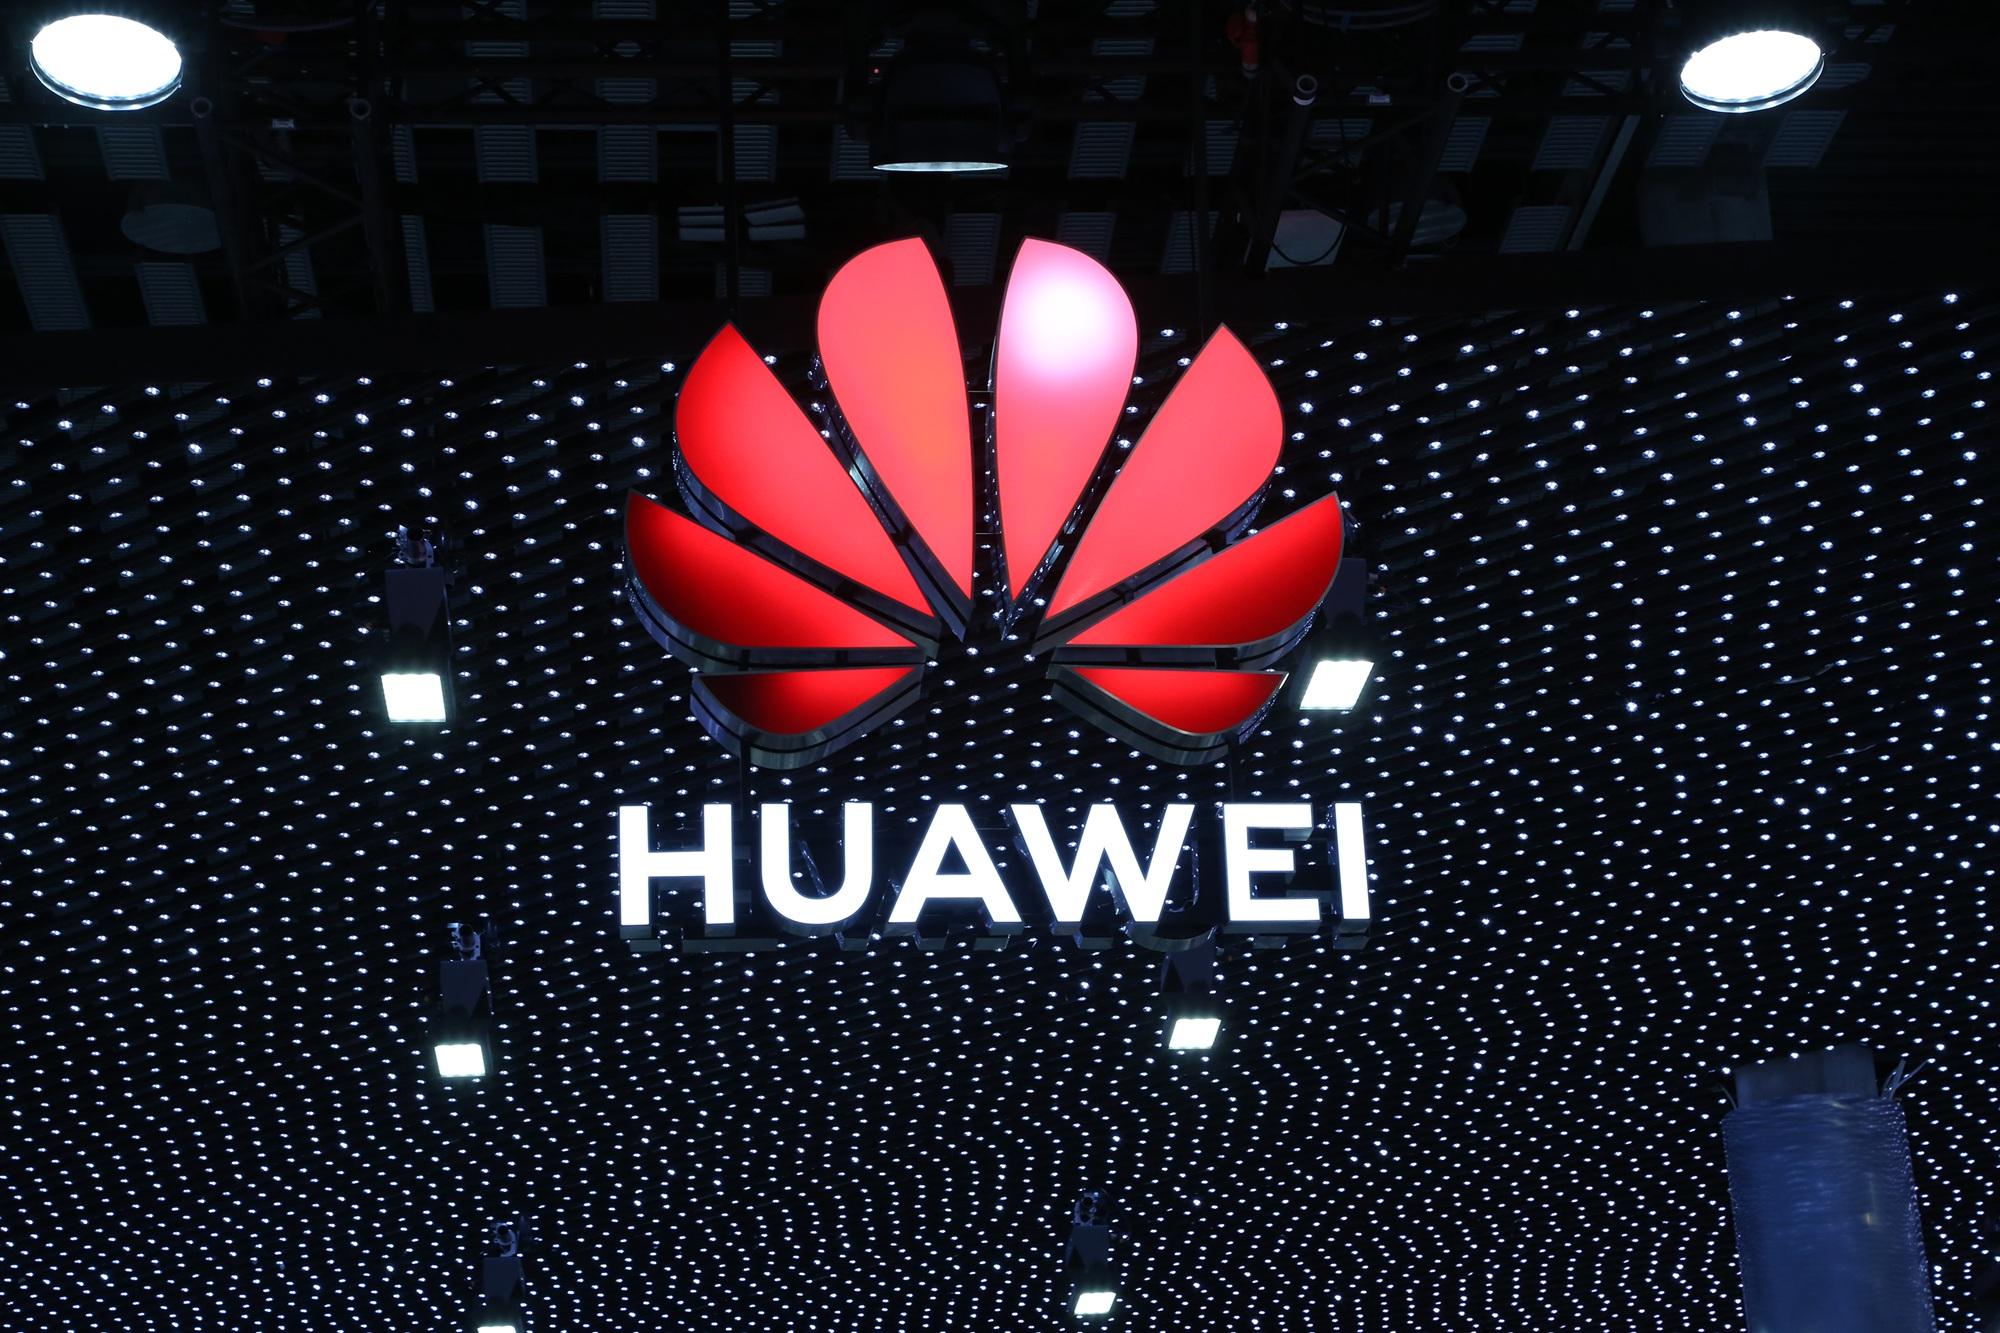 Le ombre di Deutsche Telekom e Huawei sull'accordo Ue-Cina